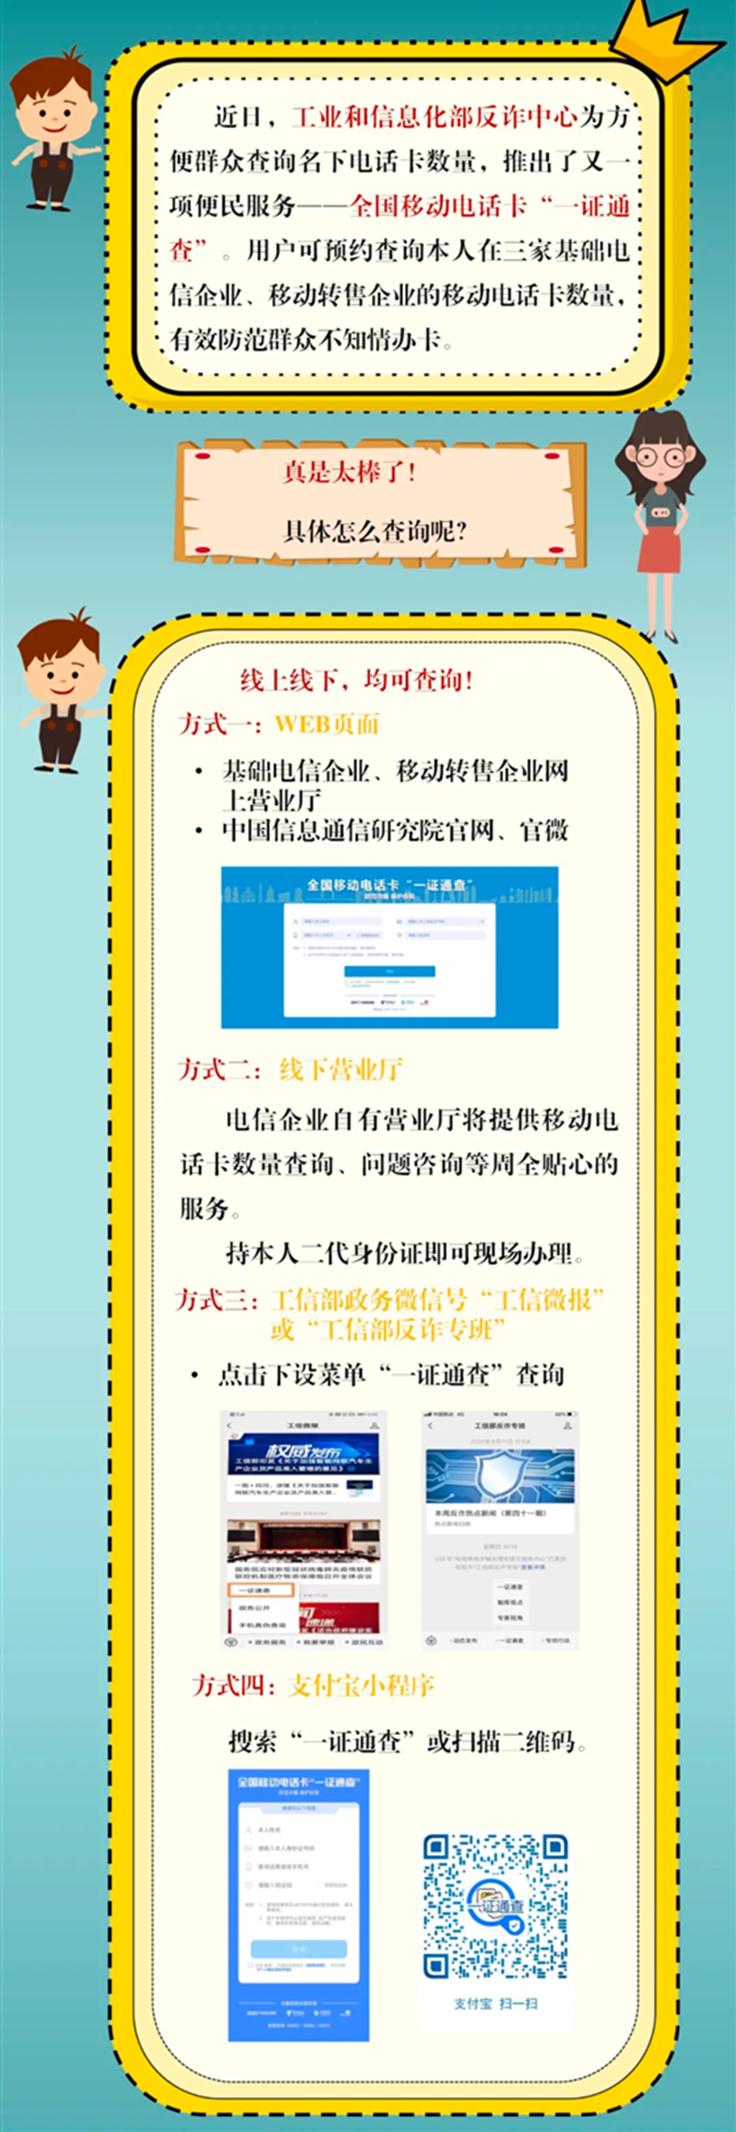 工信部全国移动电话卡通查服务正式上线 可查询自己身份是否被冒用-第2张